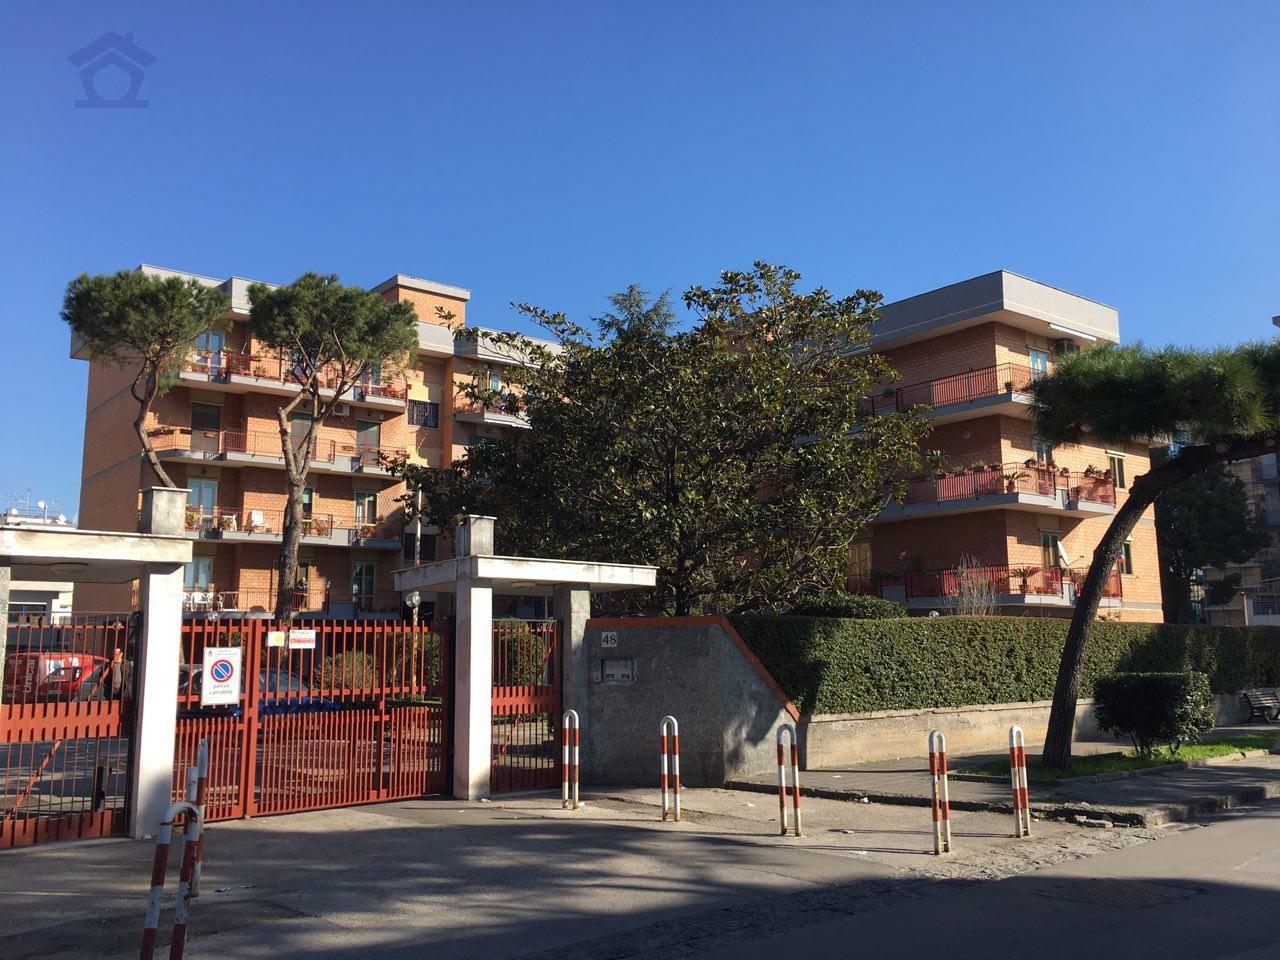 Appartamento in vendita a Torre Annunziata, 4 locali, zona Località: nord, prezzo € 330.000 | Cambio Casa.it